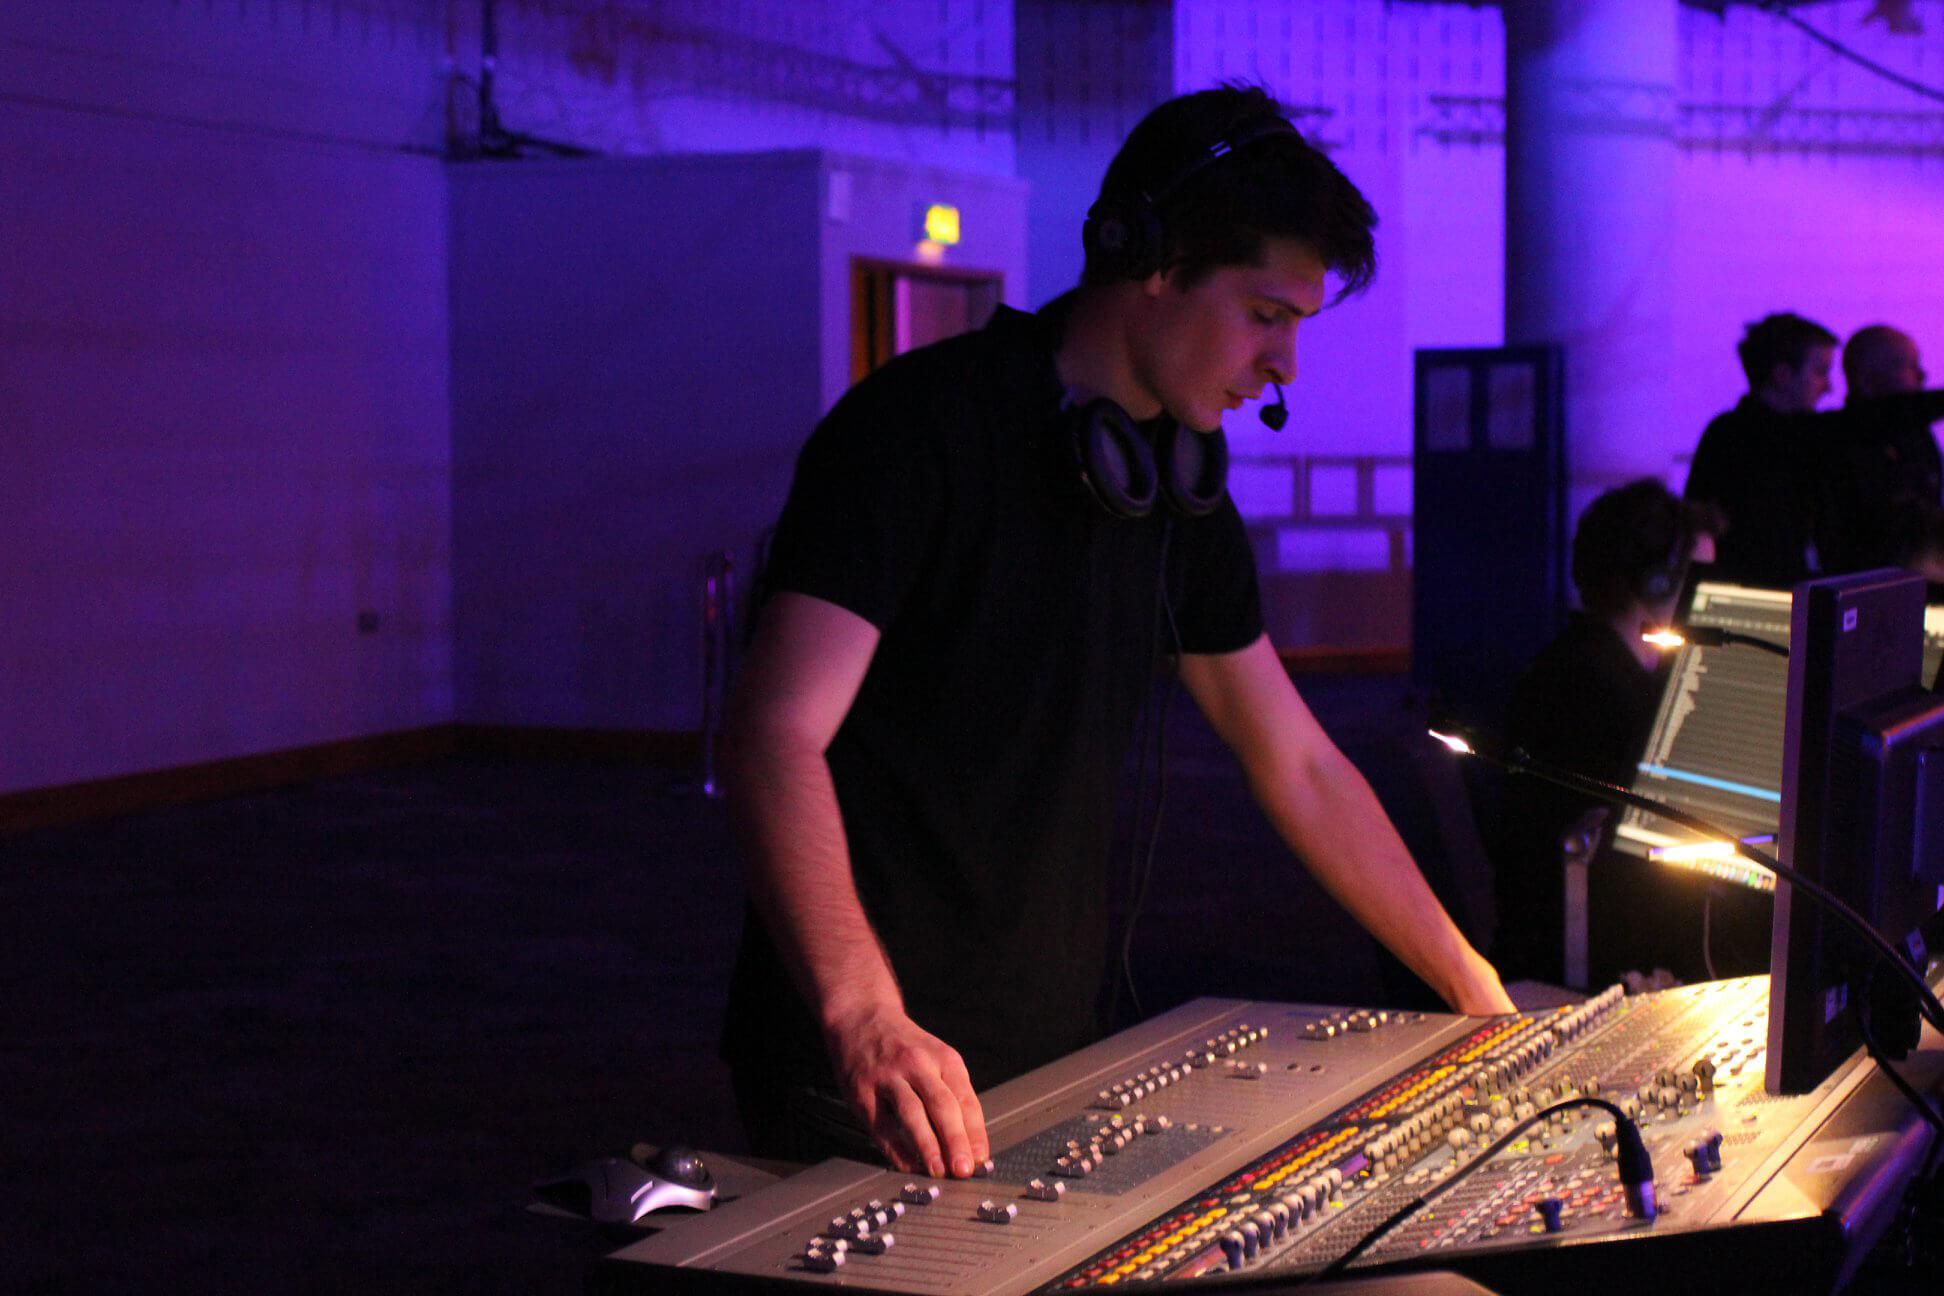 Iustin Sandu working at a sound desk